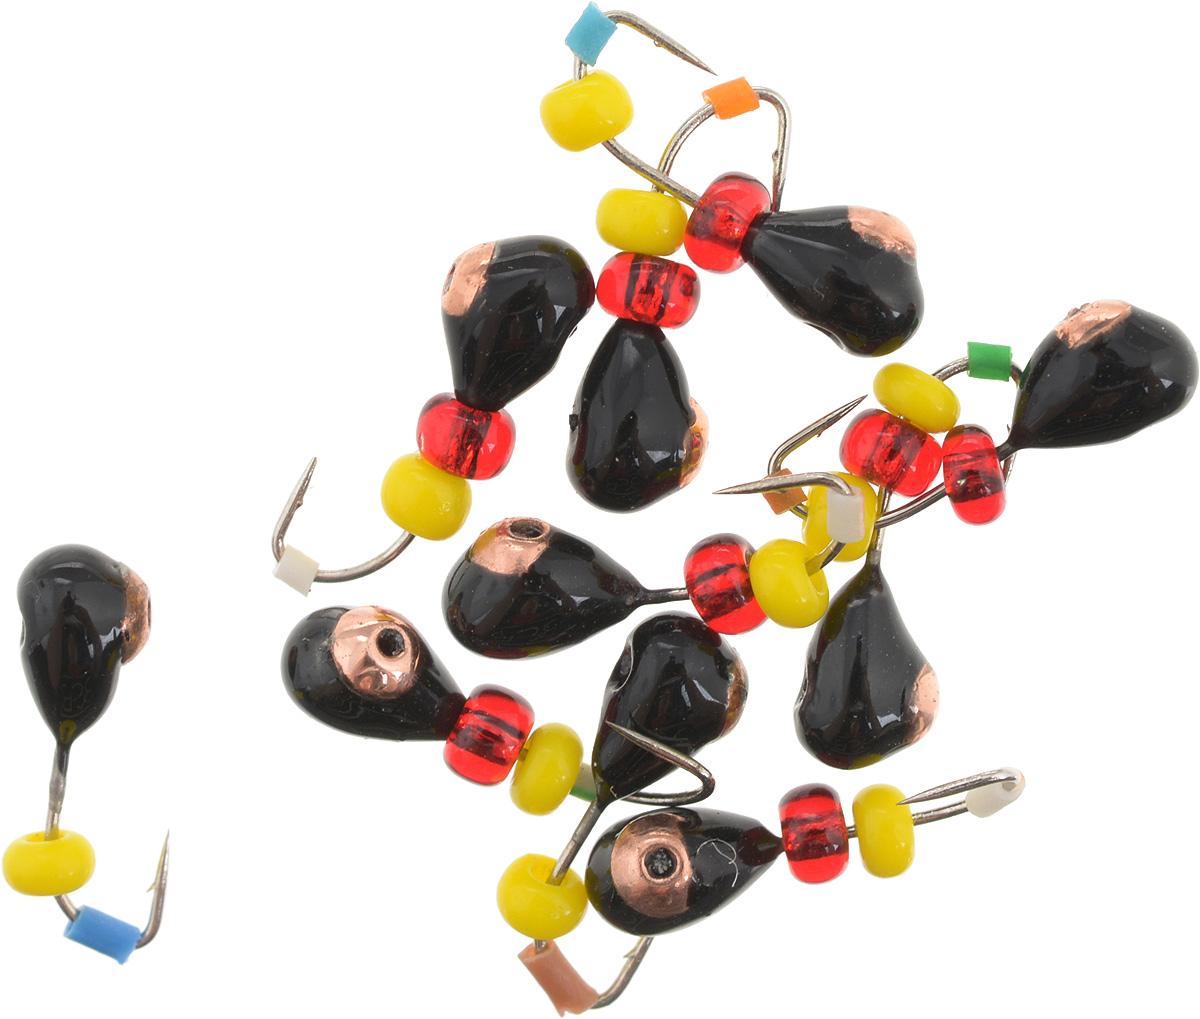 Мормышка вольфрамовая Dixxon Капля, с отверстием, с бисером, диаметр 3 мм, 0,45 г, 10 шт. 5937206/4/07Мормышка Dixxon Капля изготовлена из вольфрама и оснащена крючком. Главное достоинство вольфрамовой мормышки - большой вес при малом объеме. Эта особенность дает большие преимущества при ловле, так как позволяет быстро погрузить приманку на требуемую глубину и лучше чувствовать игру мормышки. Подходит для подледной ловли.